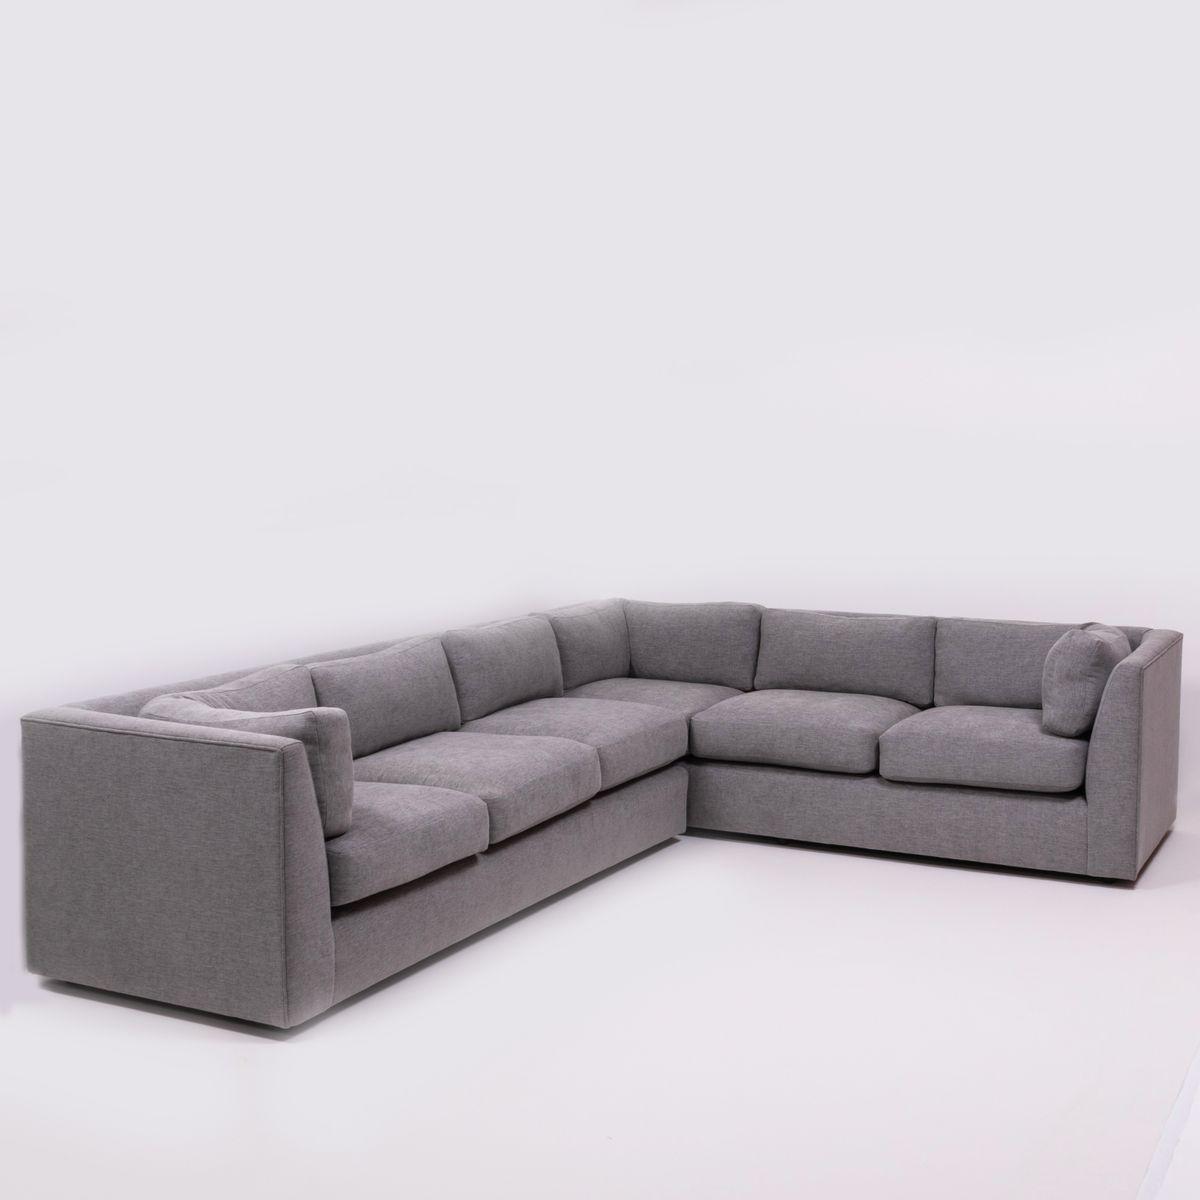 Full Size of Günstige Sofa Indomo Gelb Heimkino Lounge Garten Antikes Angebote L Mit Schlaffunktion Grau Leder Big Braun Weißes Mondo U Form Luxus 3 Teilig Federkern Sofa Günstige Sofa